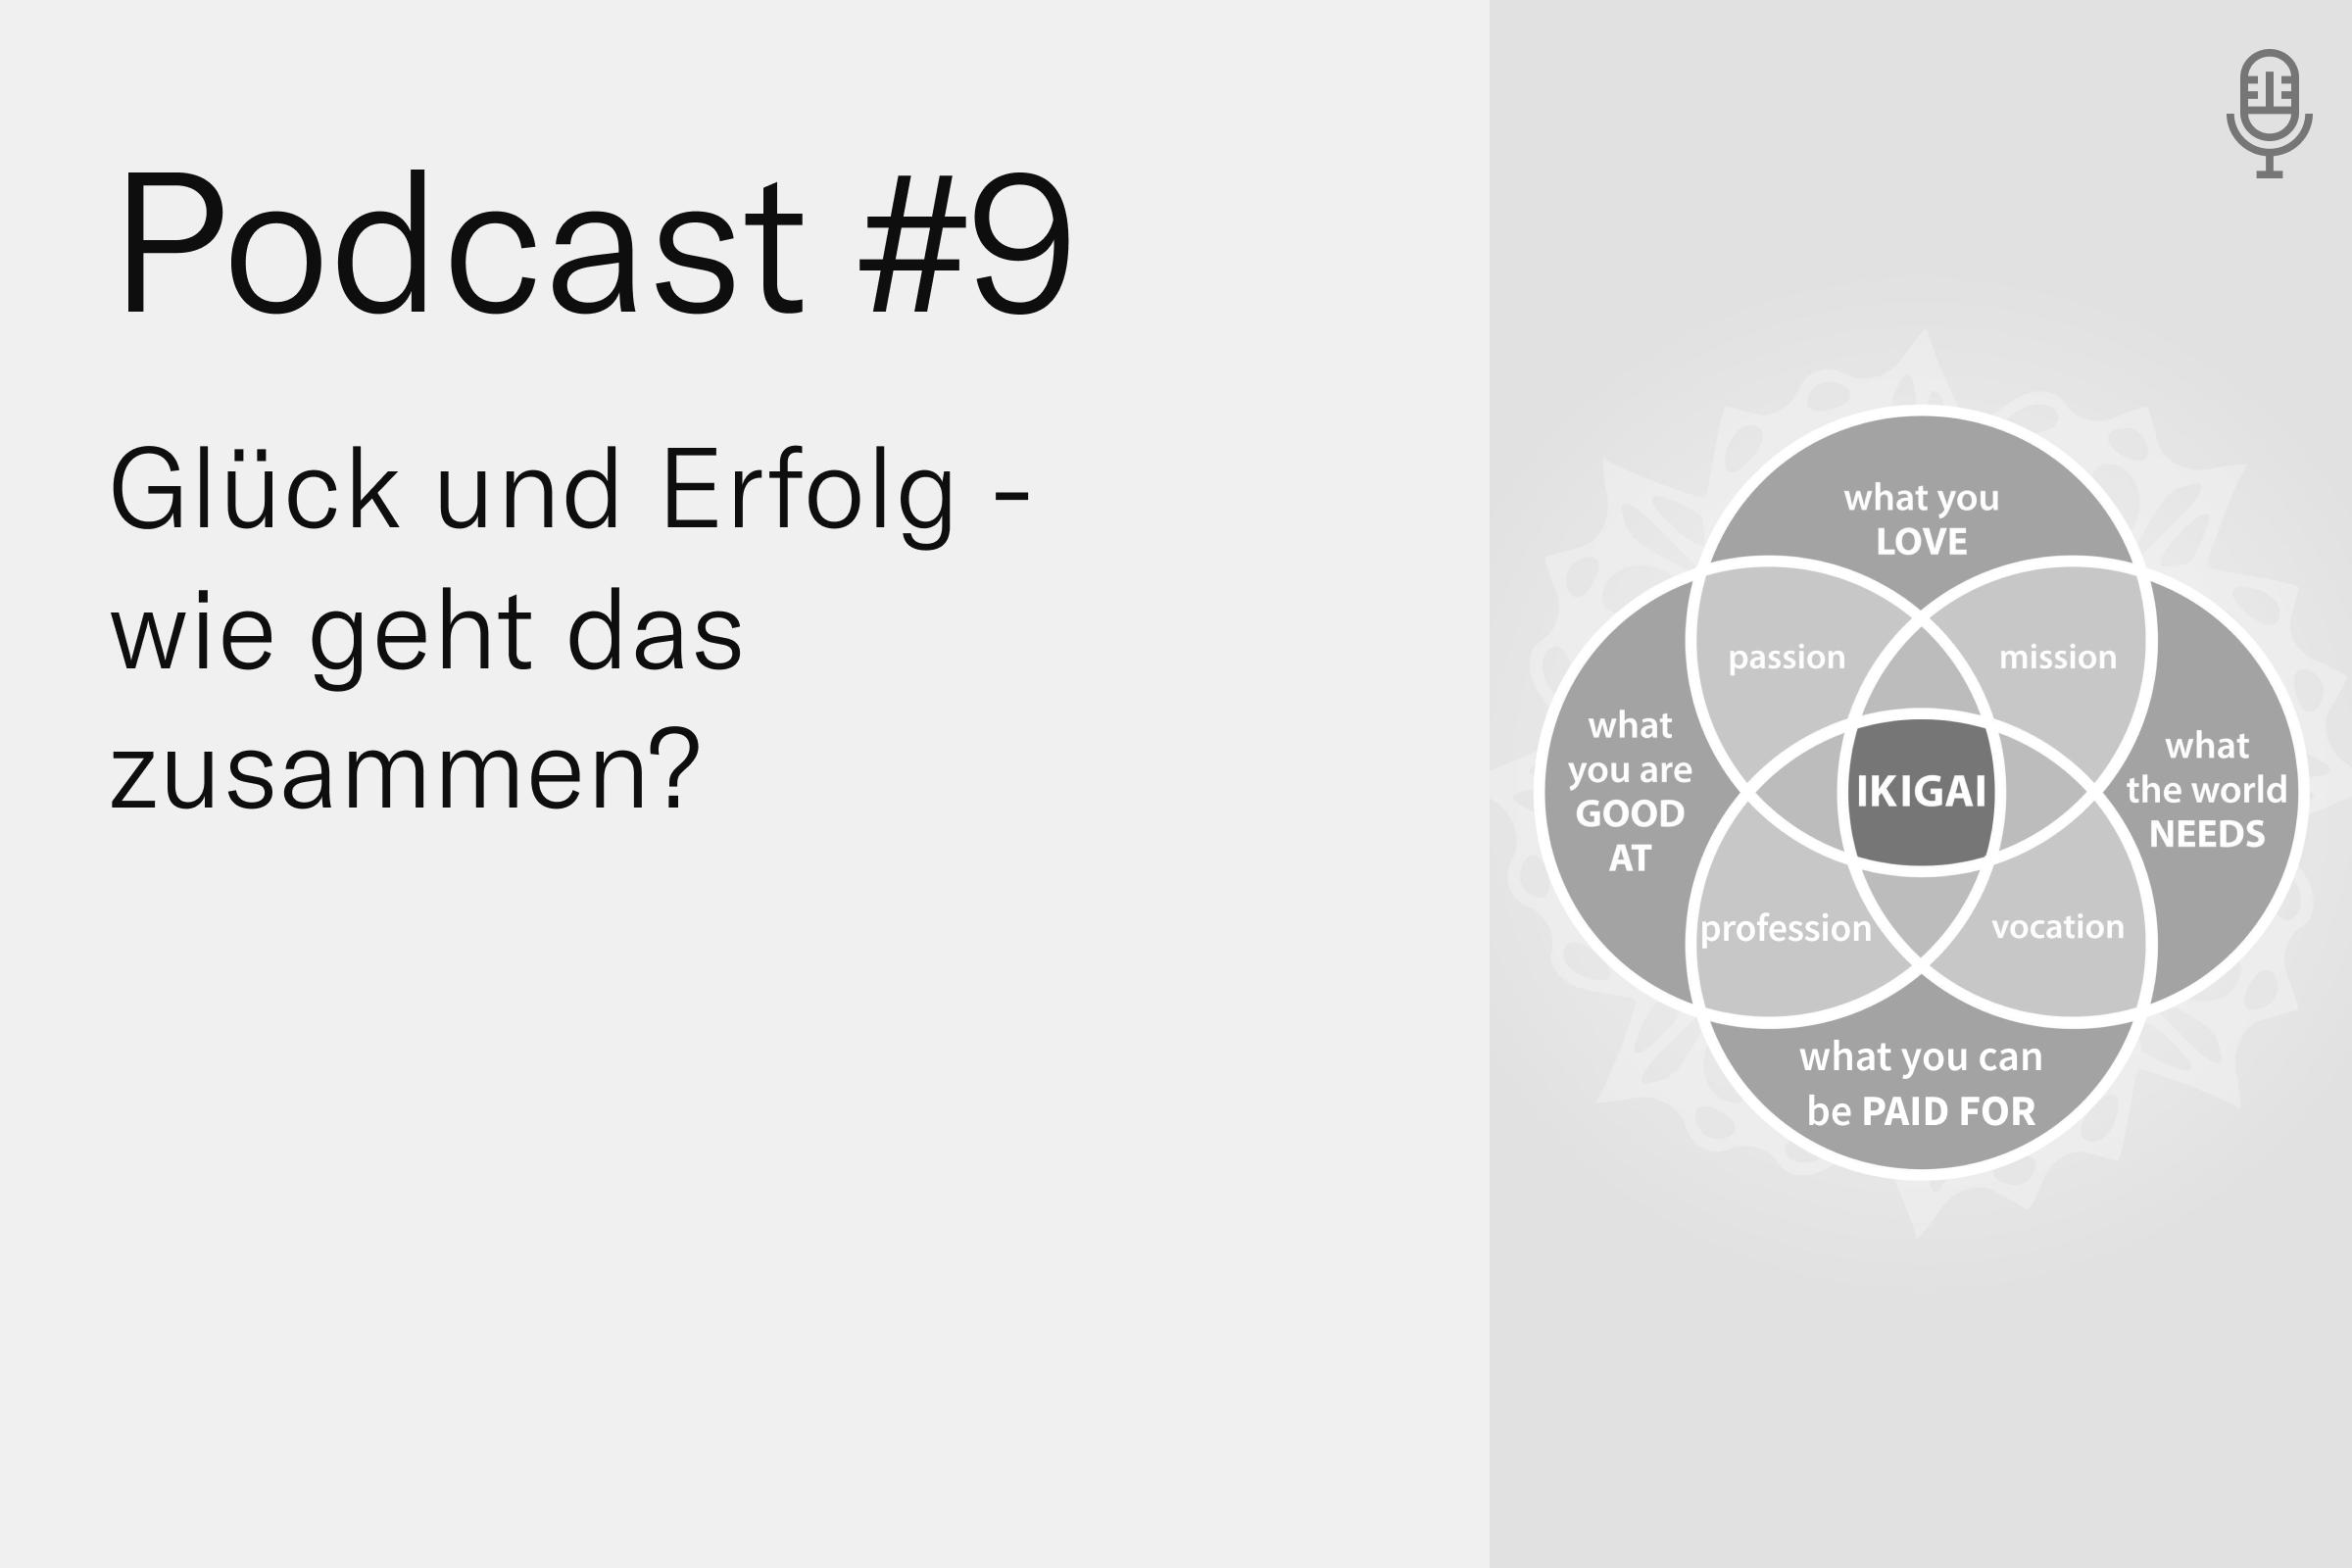 Podcast #9 – Glück und Erfolg